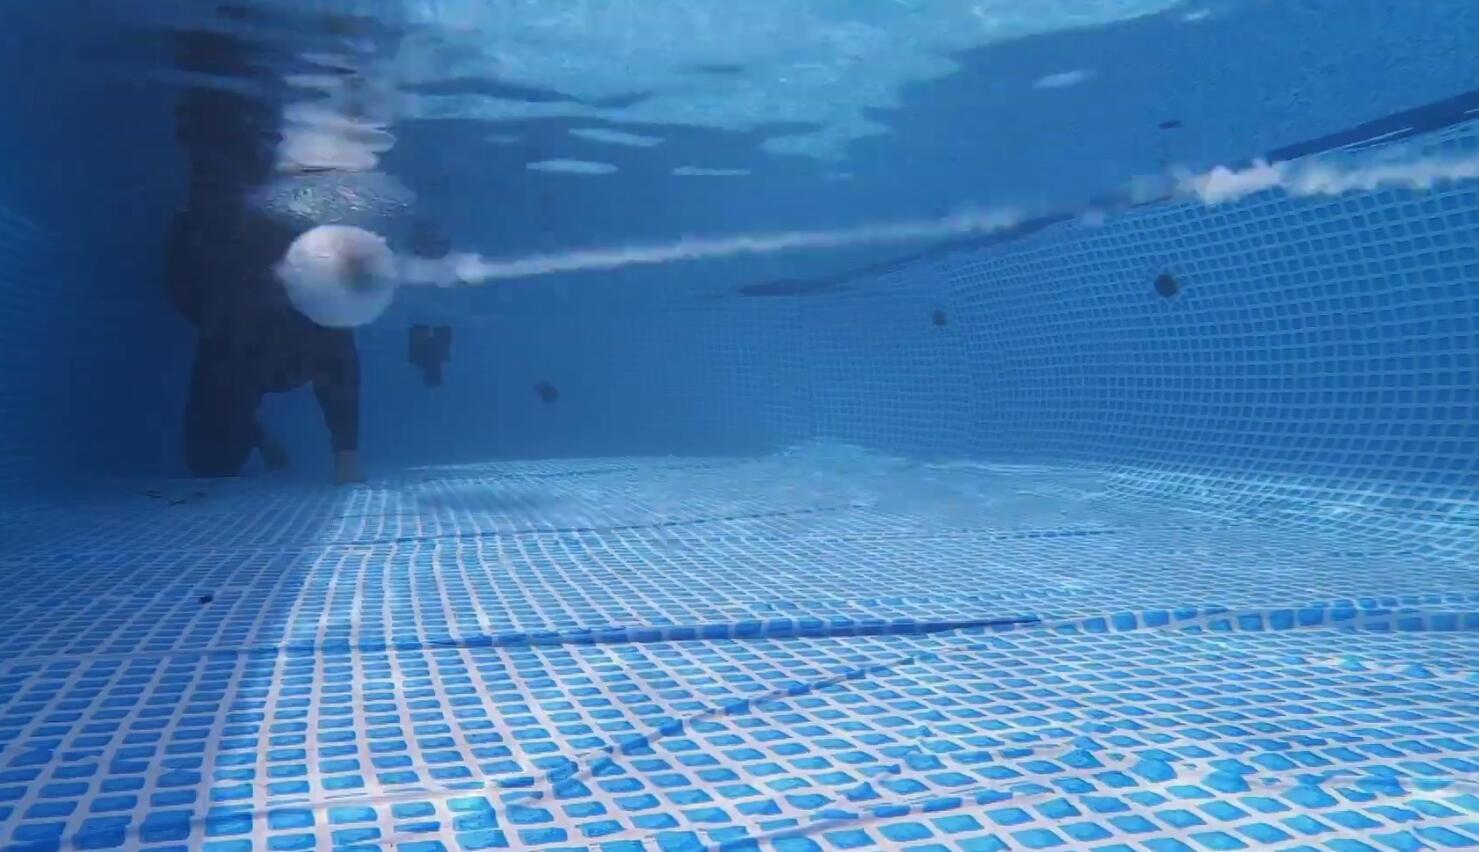 美军测试超空泡水下子弹可从水底击沉敌方船只